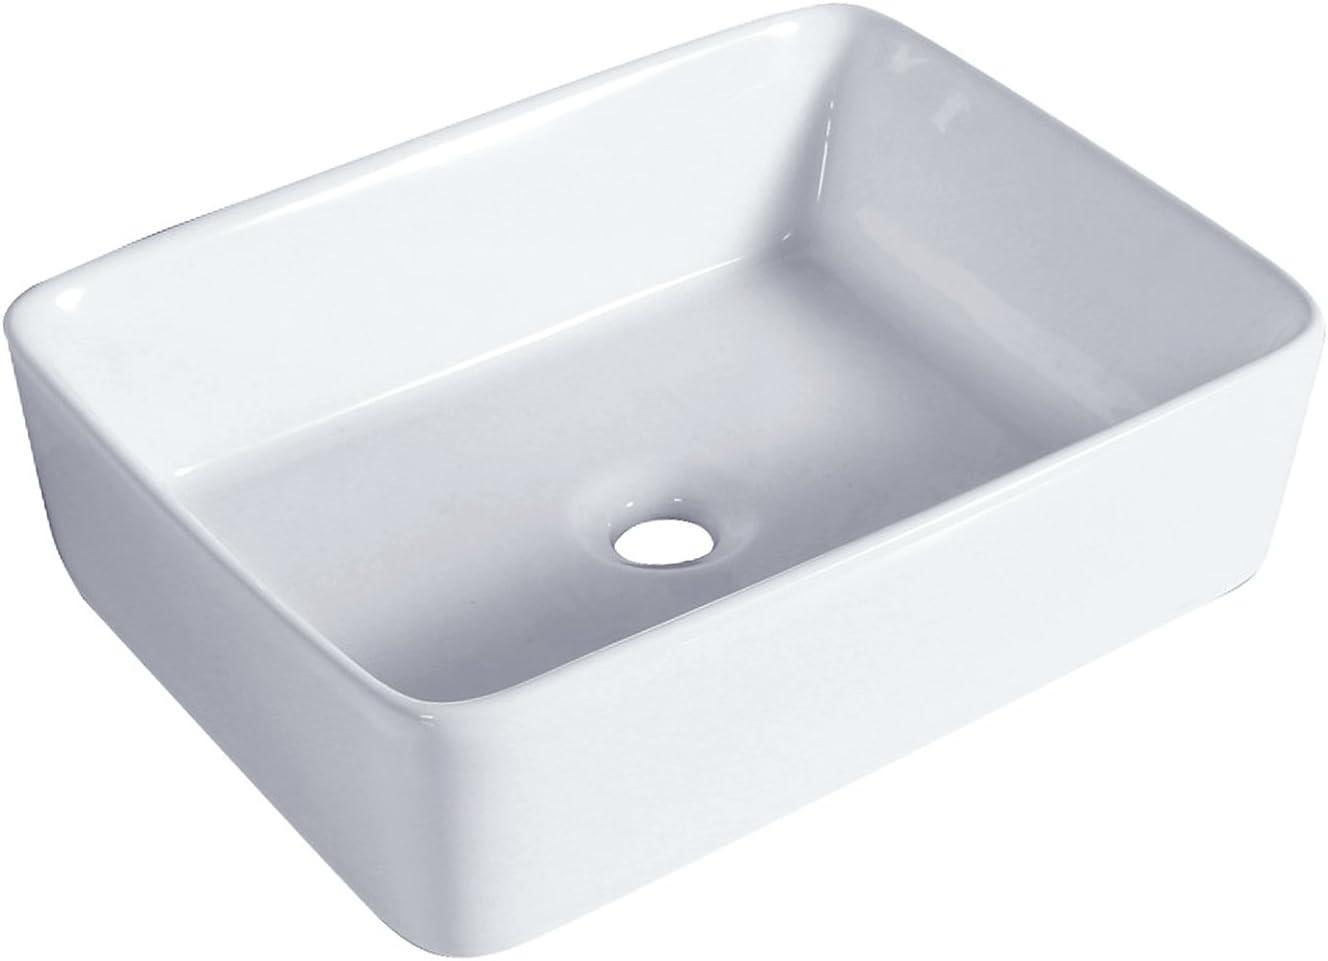 Lavabo Cuadrado de Cer/ámica de Ba/ño Blanco Lavabo sobre Encimera Moderno 480 x 380 x 130mm